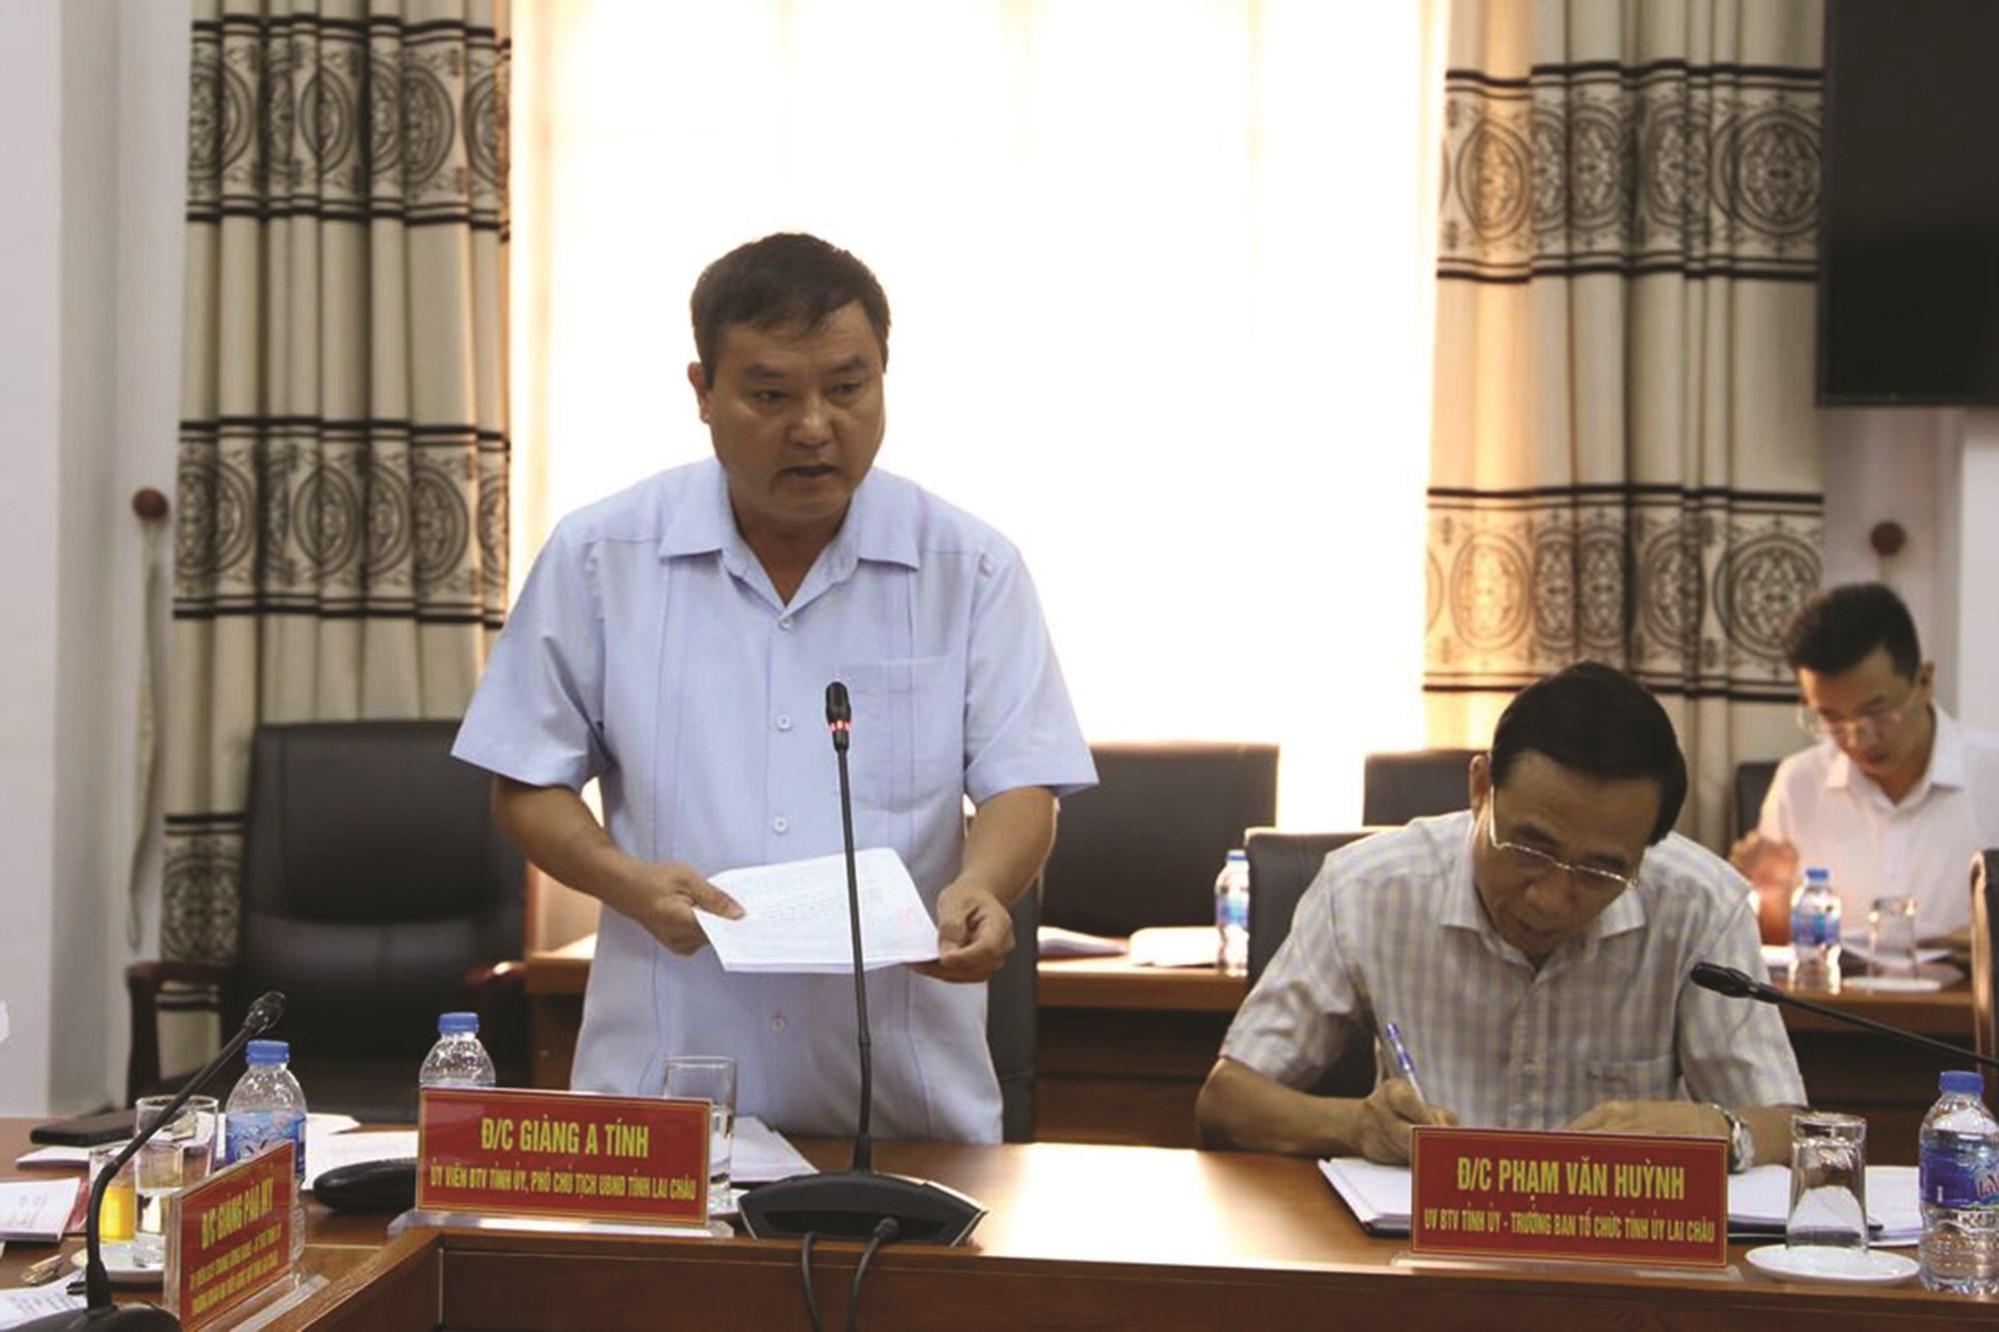 Ông Giàng A Tính, Ủy viên Ban Thường vụ Tỉnh ủy, Phó Chủ tịch tỉnh Lai Châu phát biểu tại cuộc họp Tỉnh ủy về vấn đề tín dụng chính sách.